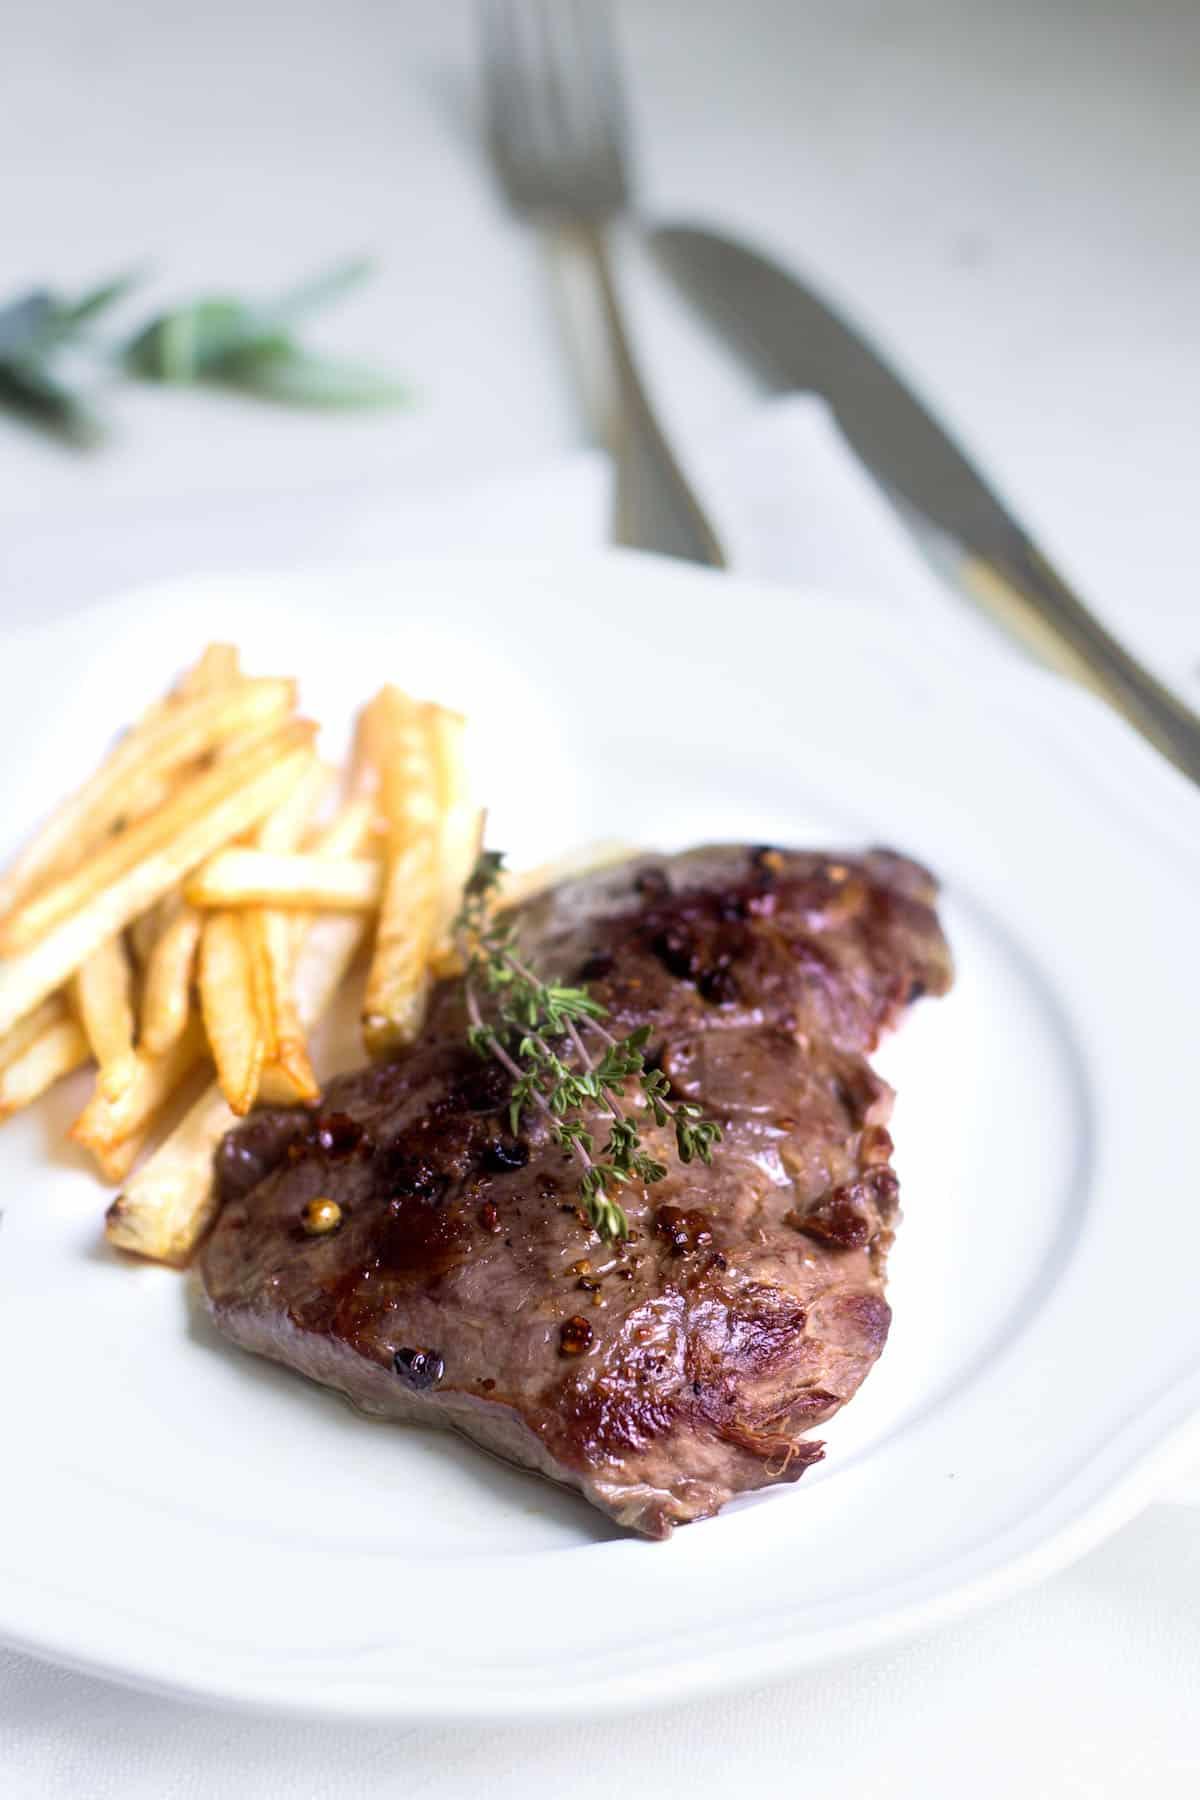 Steak Frites: A Parisian bistro favorite made right at home! Recipe via MonPetitFour.com